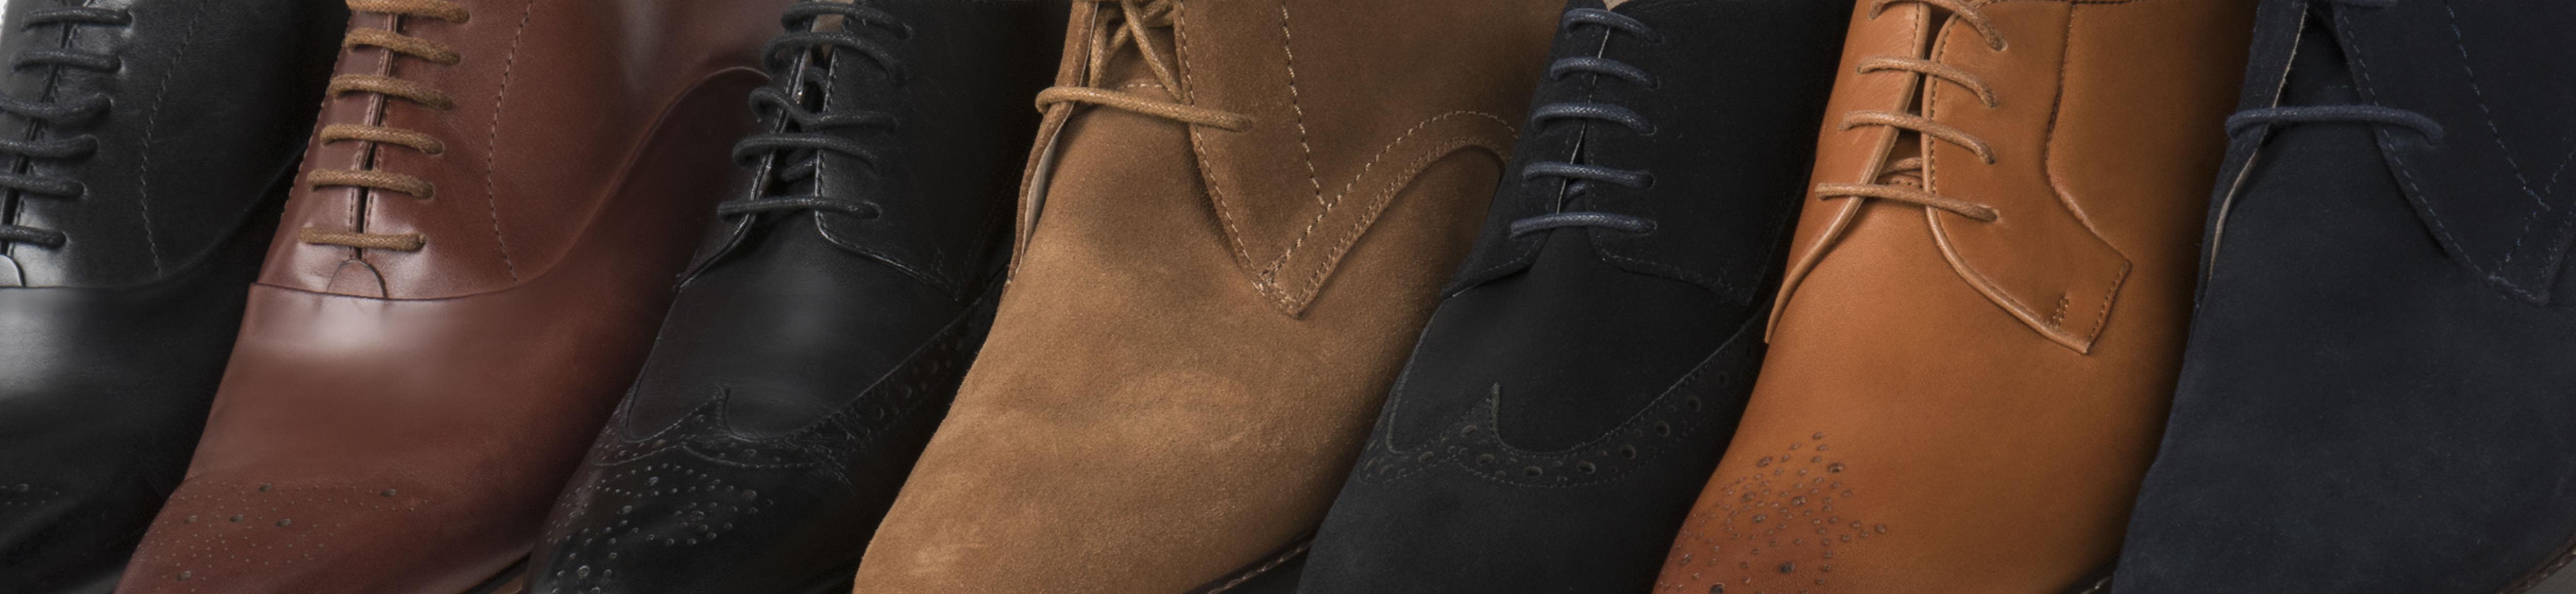 Shoes \u0026 Boots Sale - Jeff Banks Online Shop